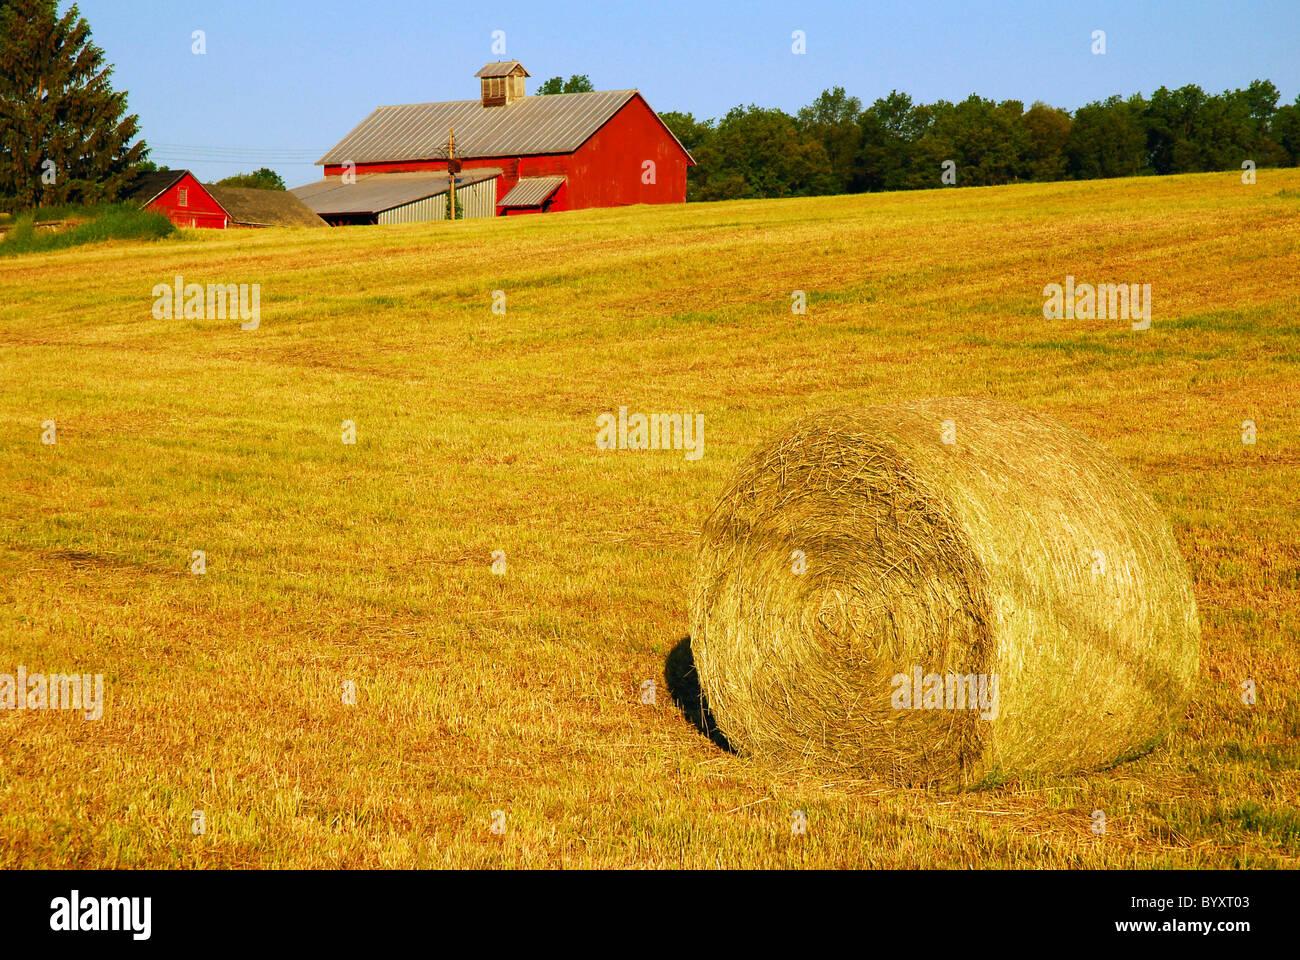 Heuballen auf ländliches Anwesen in Catskill-Region des Staates New York. Stockfoto